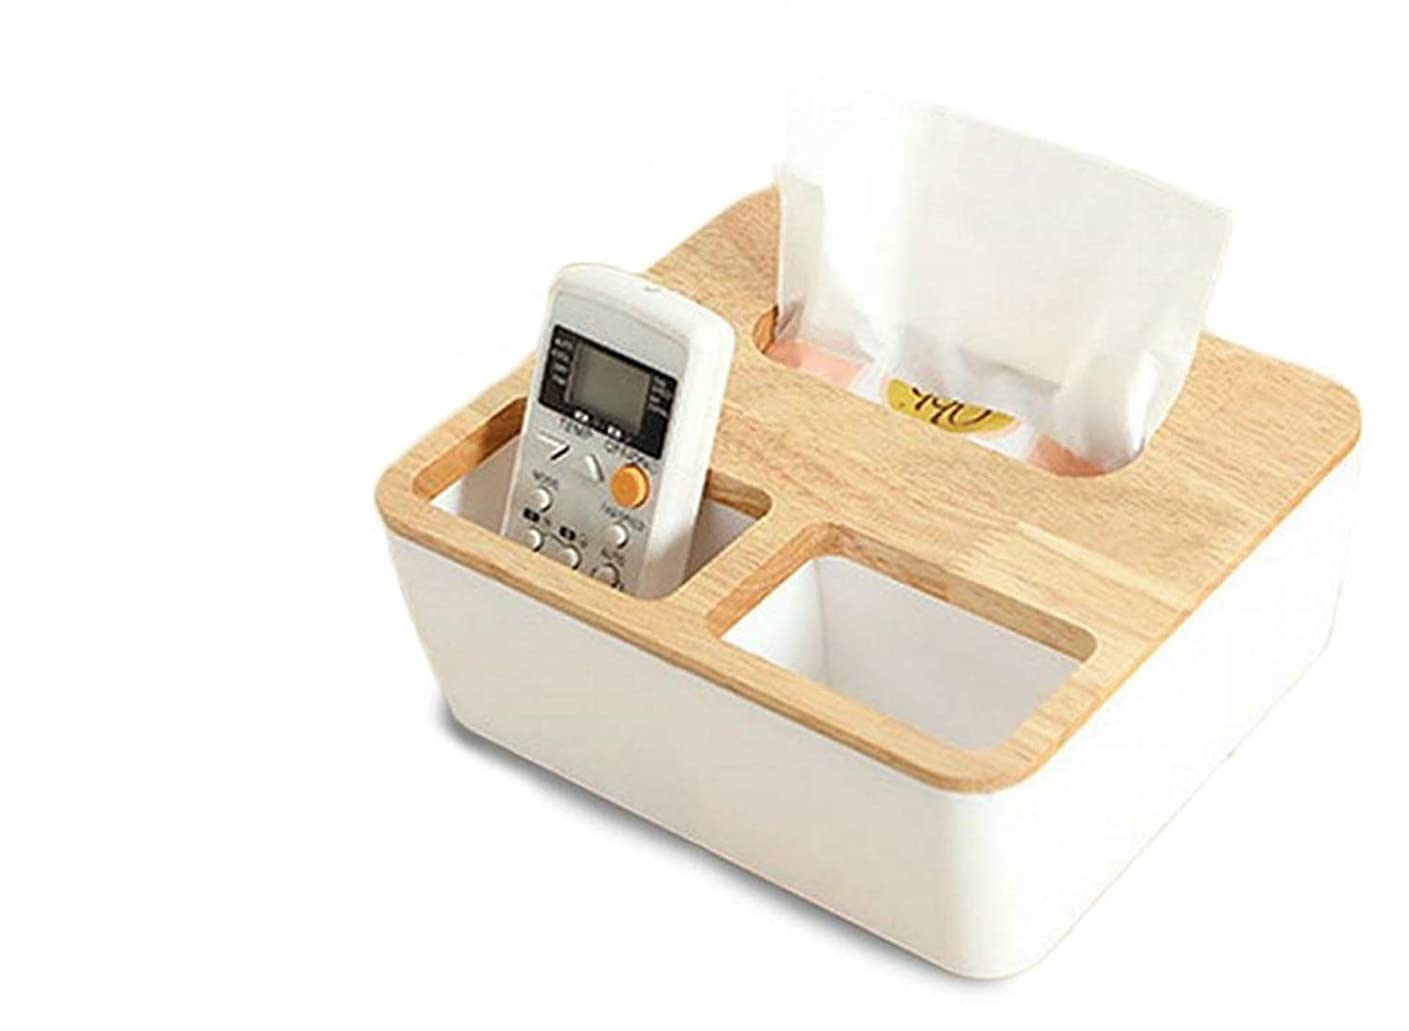 セーターオークランド箱TohoRyu 収納ボックス ティッシュケース 卓上 多機能収納 おしゃれ シンプル デザイン インテリア